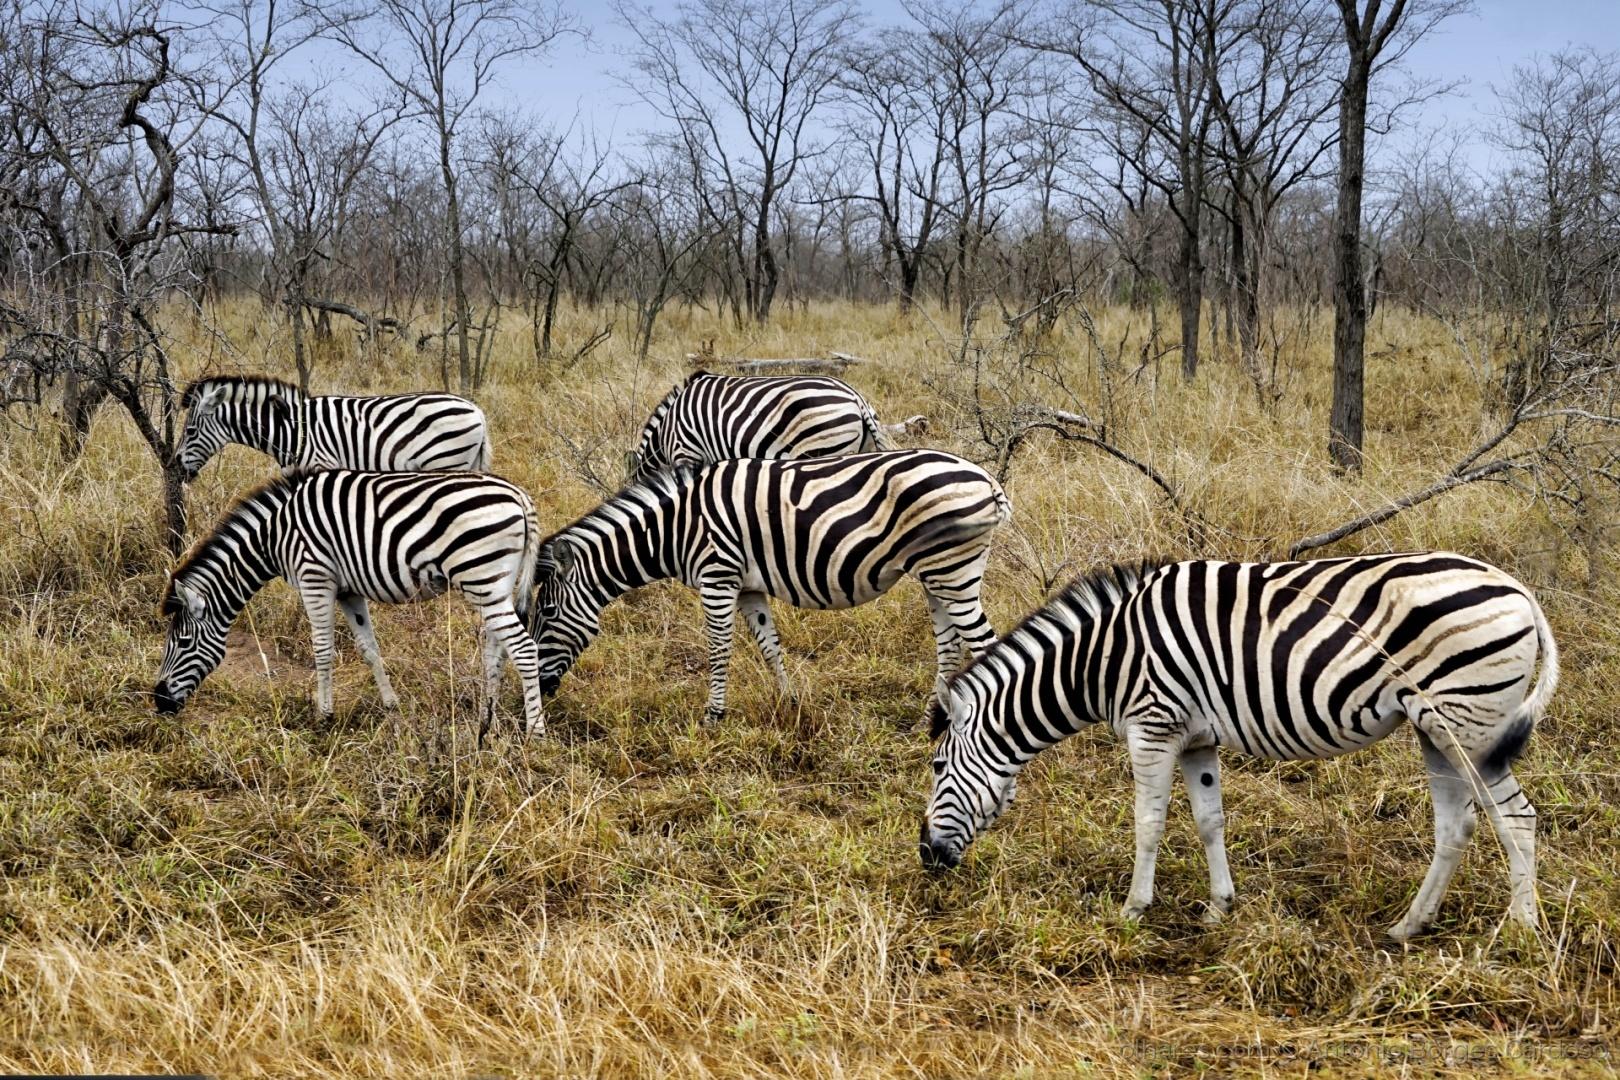 Animais/Zebras (Equus quagga) - Kruger Park, África do Sul